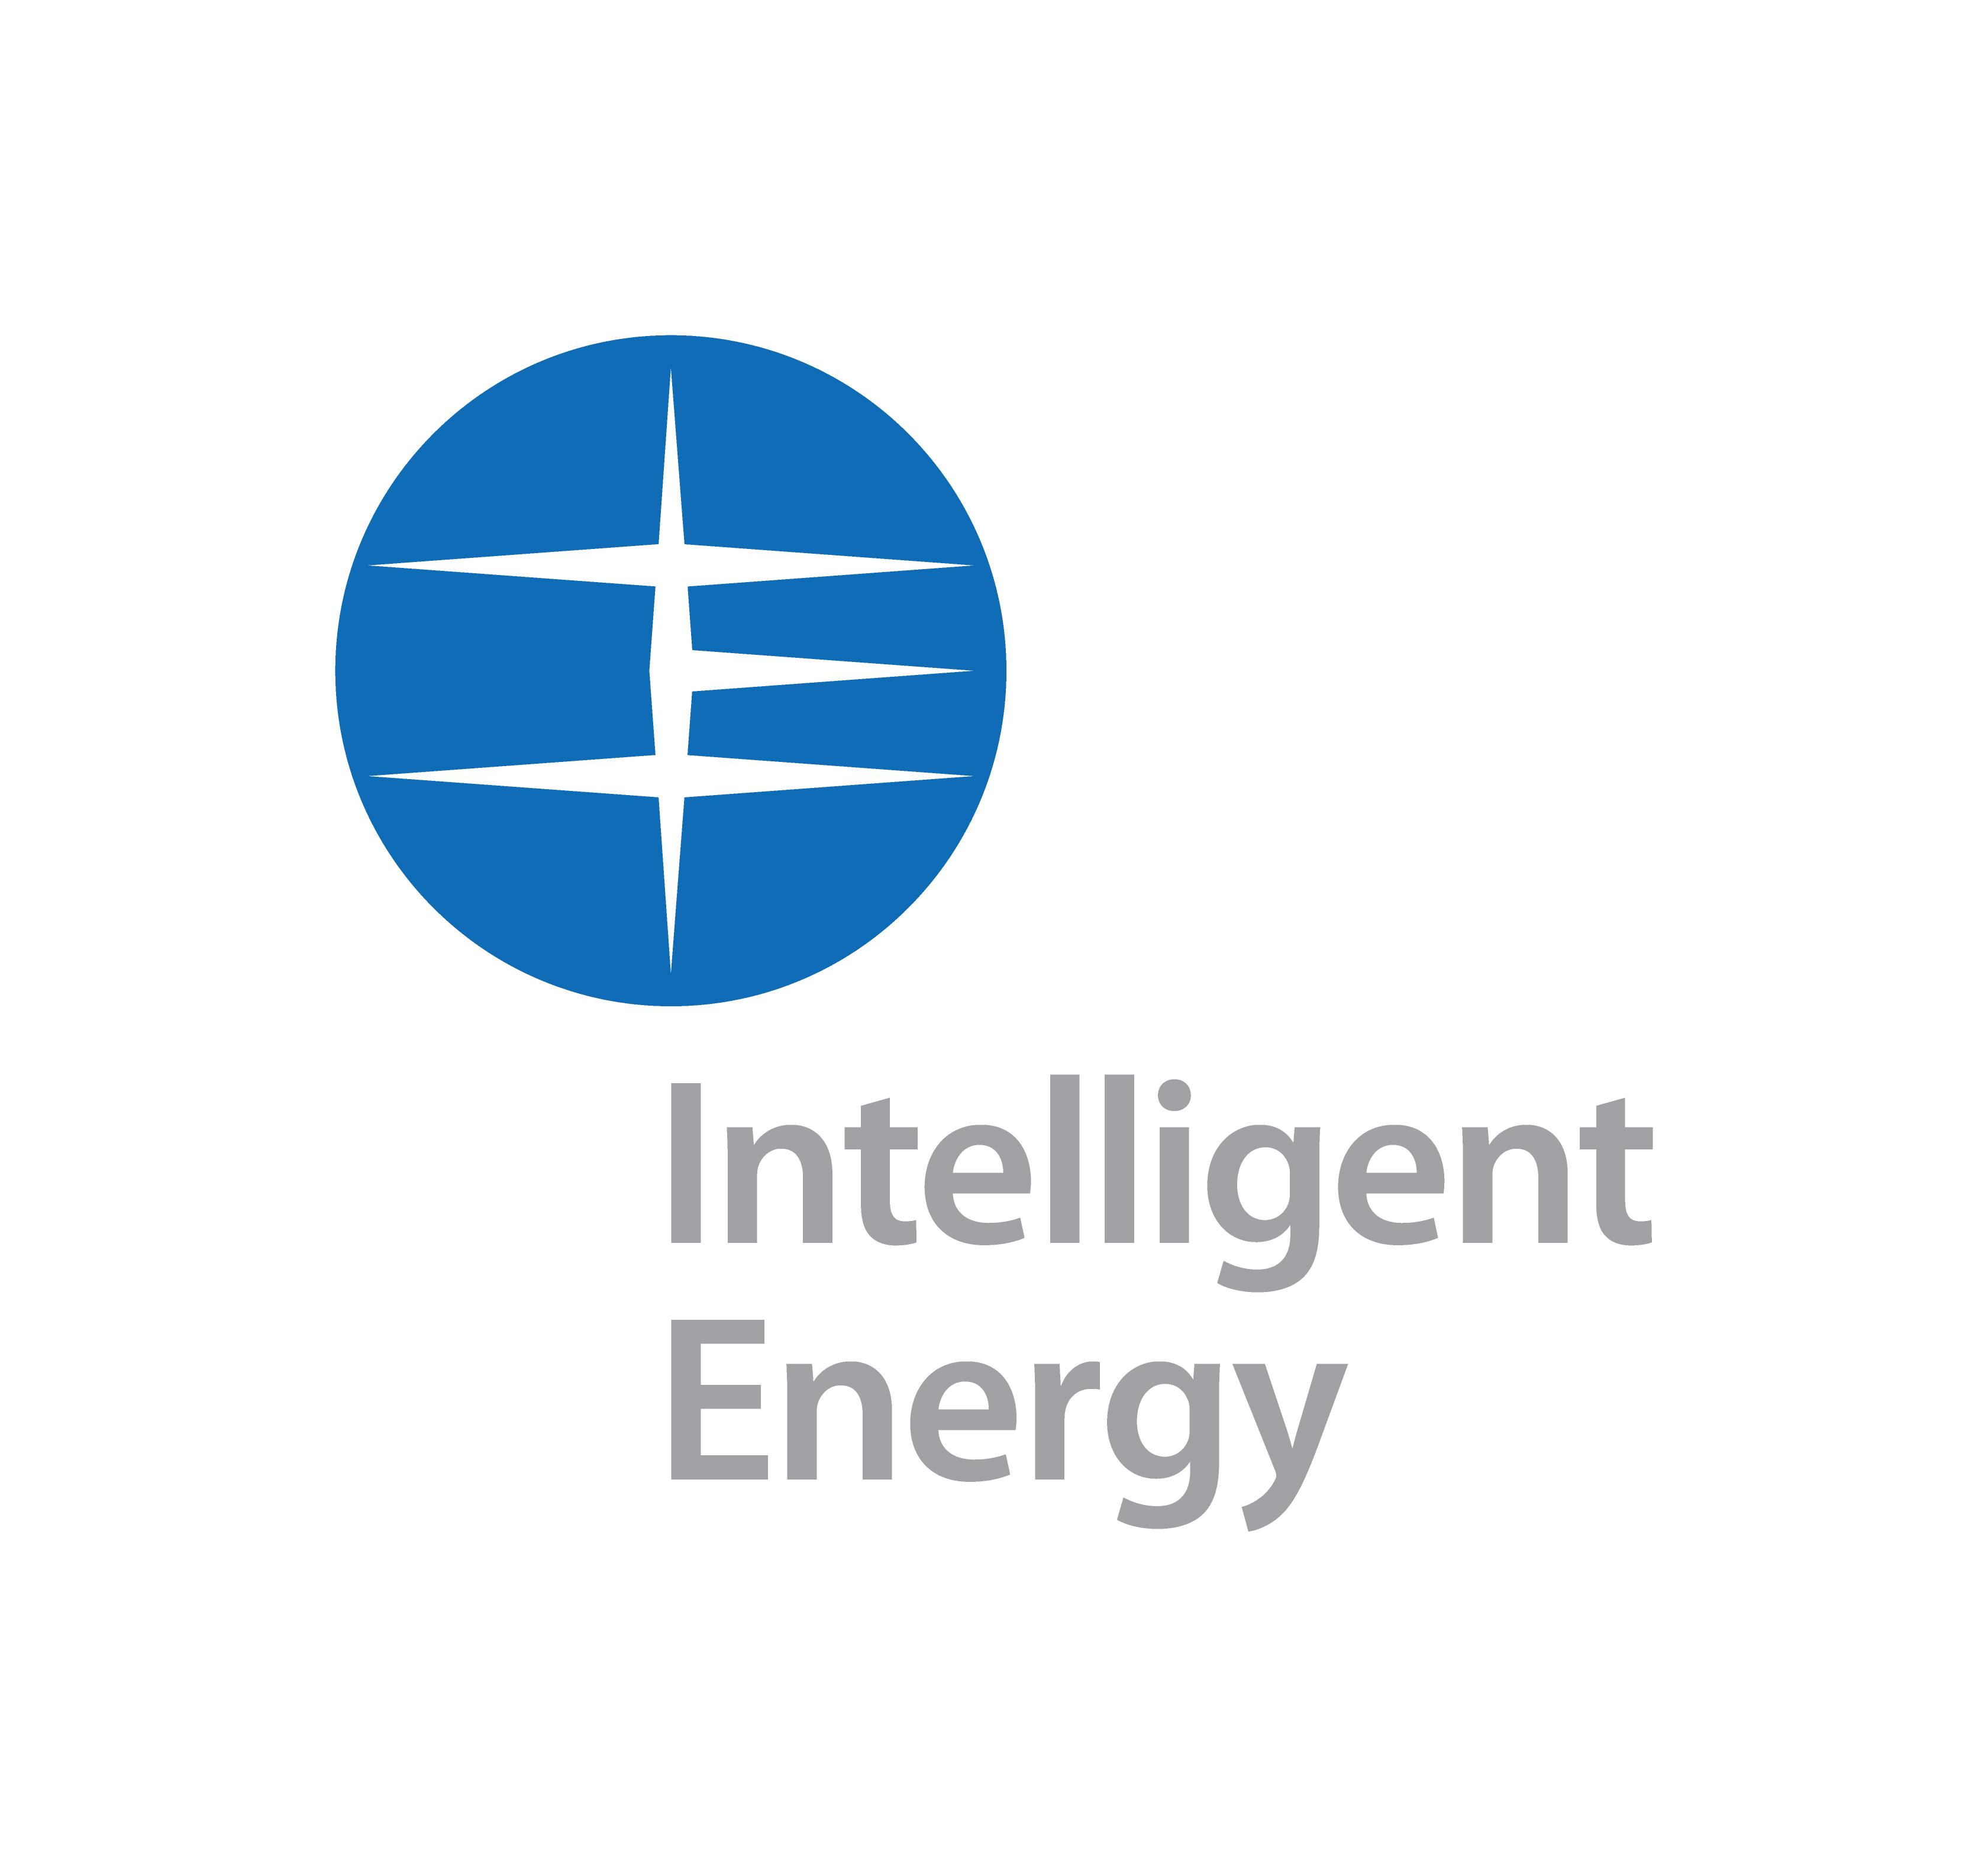 Ie Logo Full Stacked